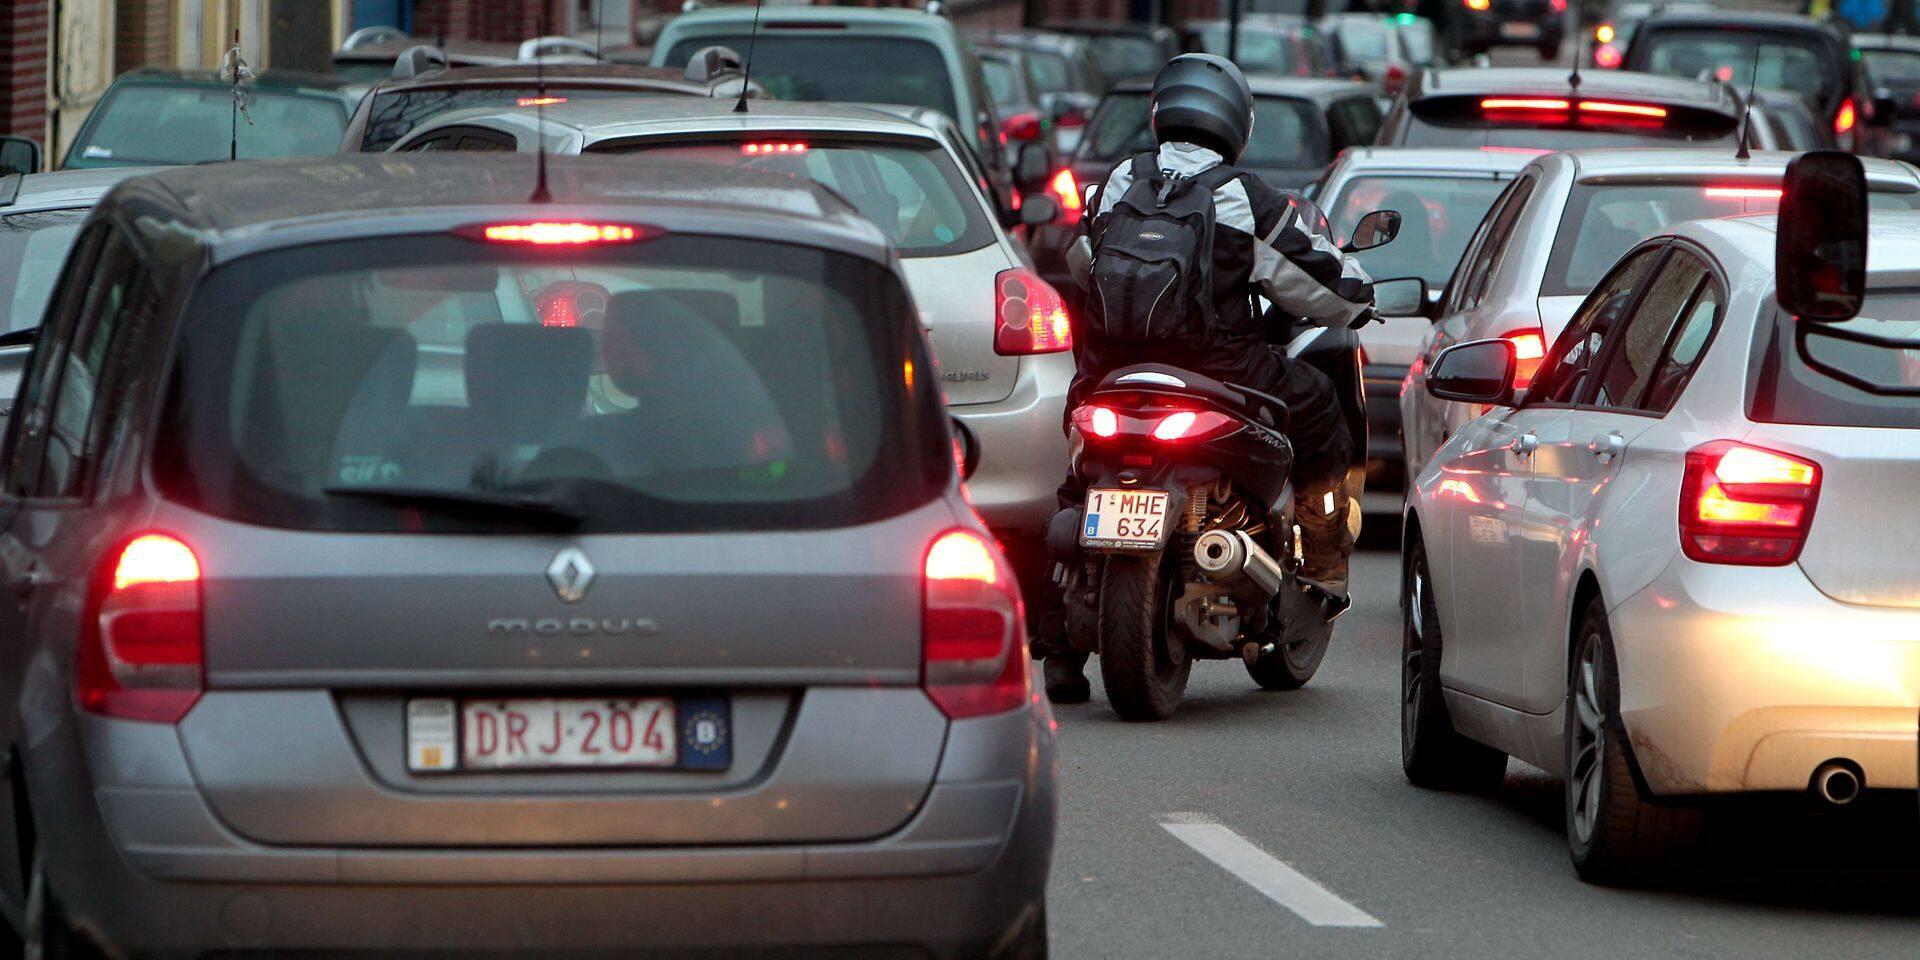 Tour de France: le Tour provoque déjà des embouteillages à Laeken